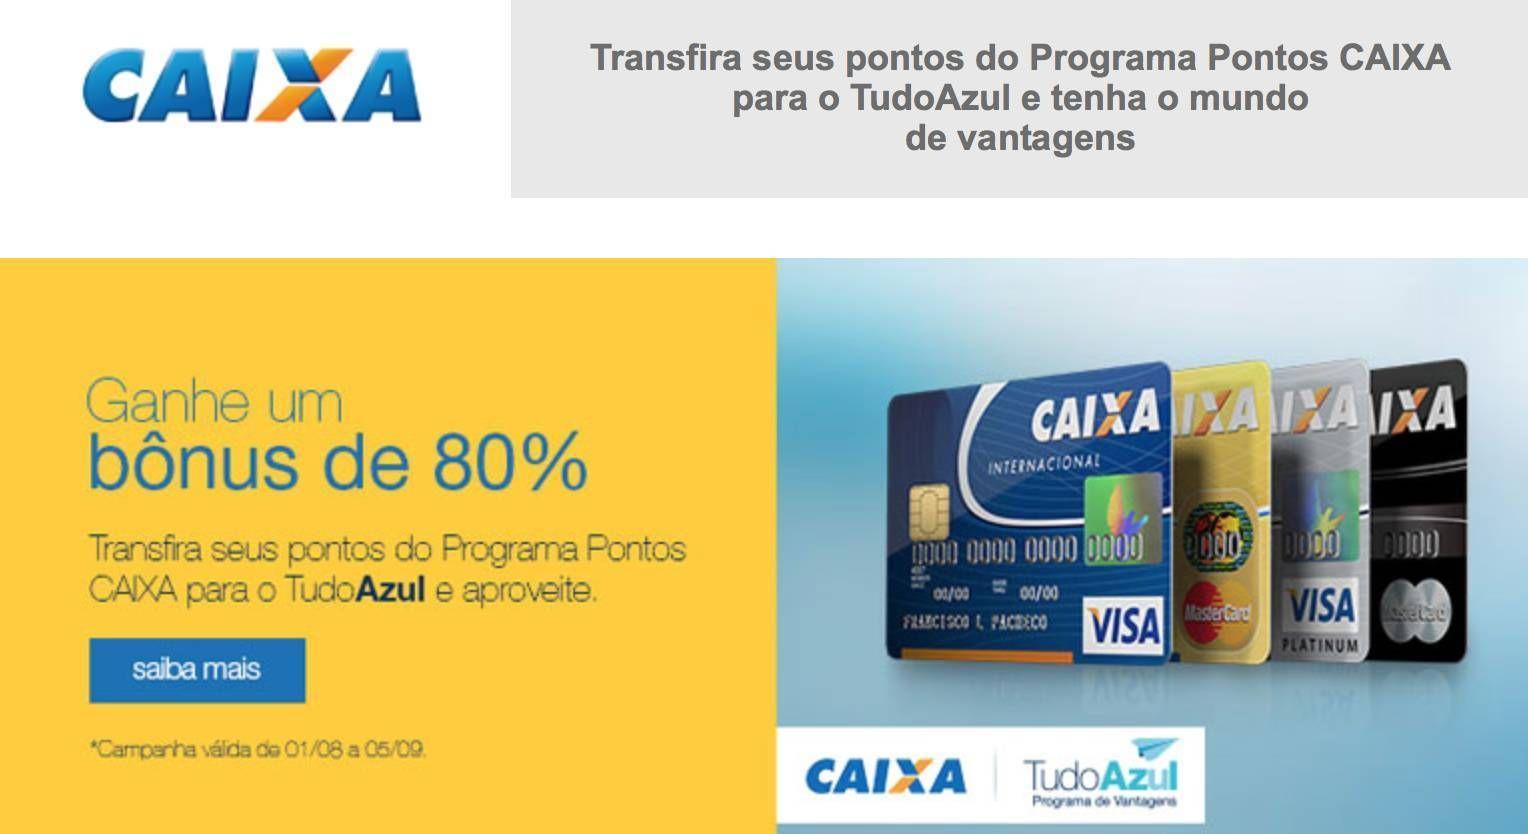 TudoAzul oferece 80% de bônus nas transferência de pontos da Caixa